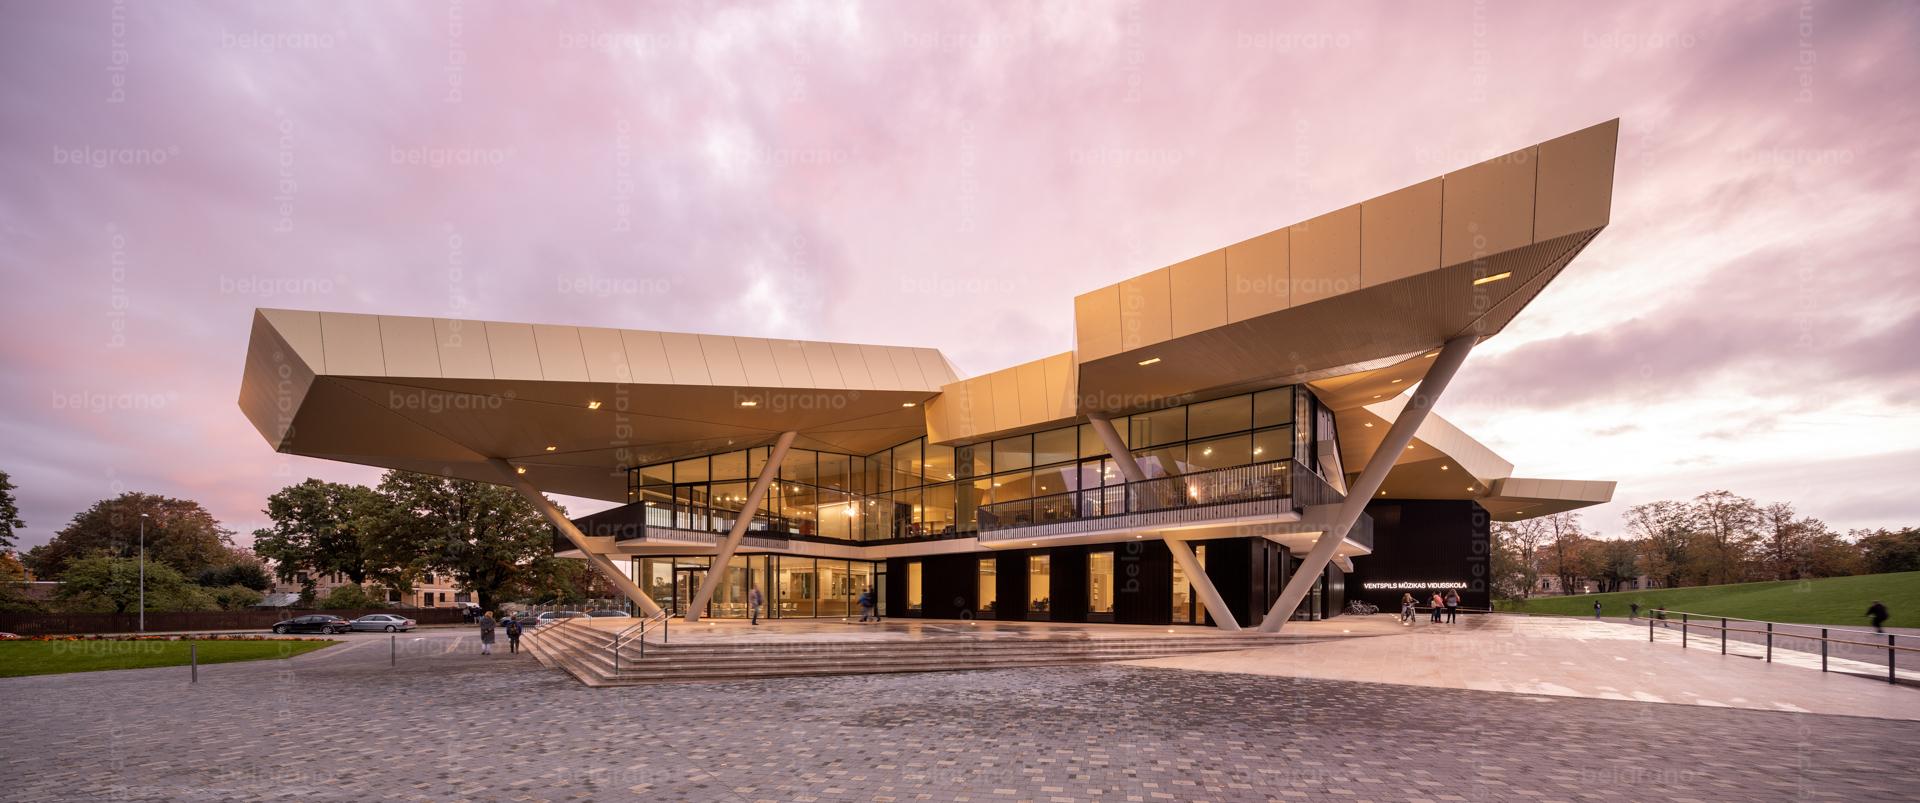 Musikschule und Konzerthalle in Ventspils - mit Naturstein Blockstufen, Bodenbelägen, Sockelelementen und Innenböden aus belgrano® Granit